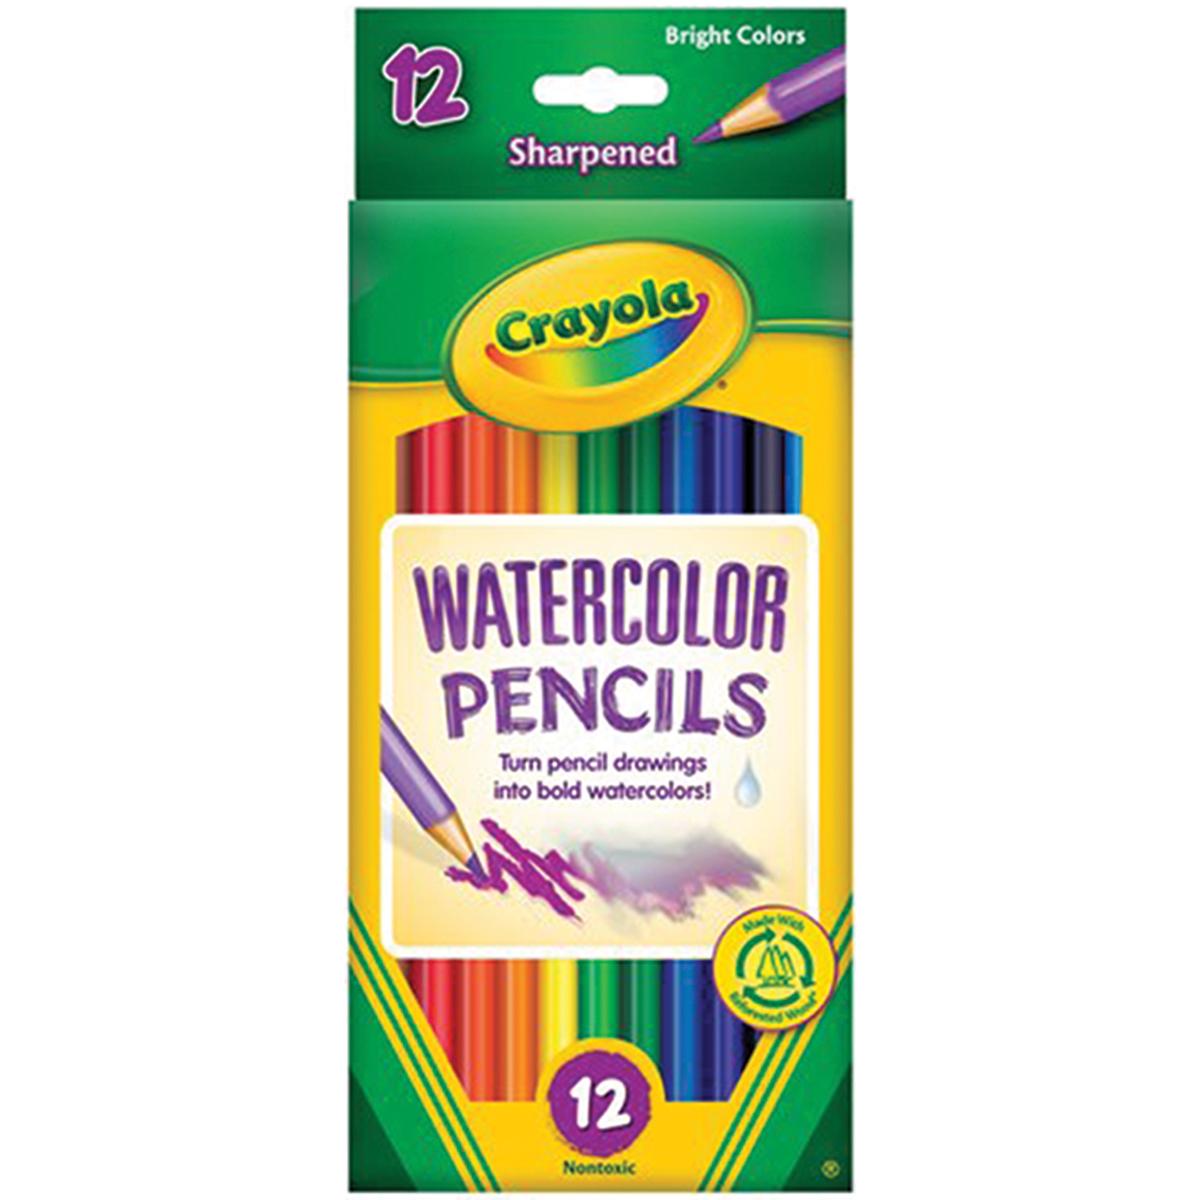 Crayola- Watercolor Pencils